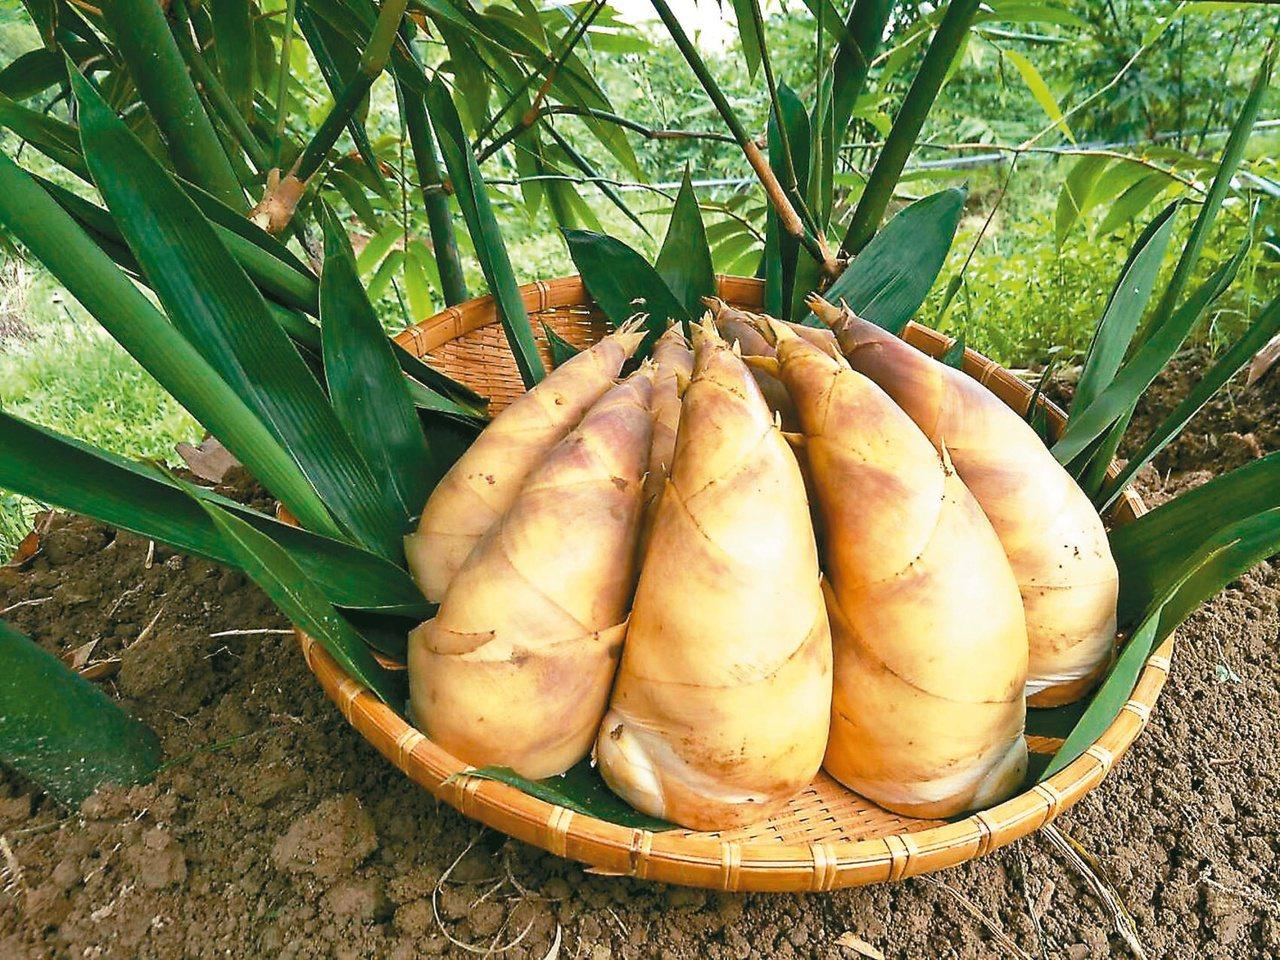 六至八月是綠竹筍盛產季節,也是最佳的品嚐時機。 圖/本報系資料照片